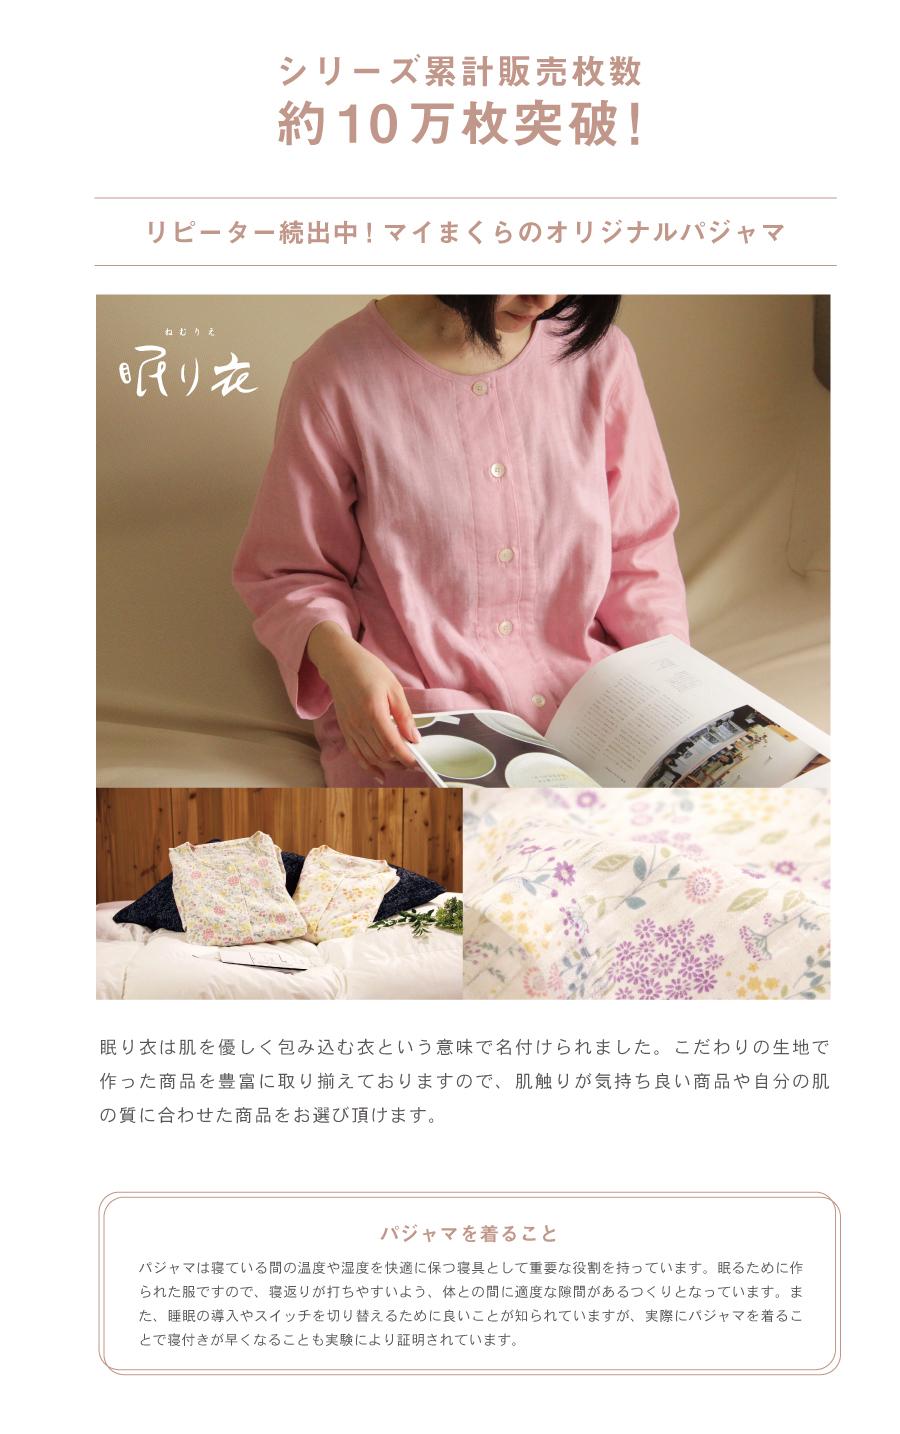 眠り衣パジャマ